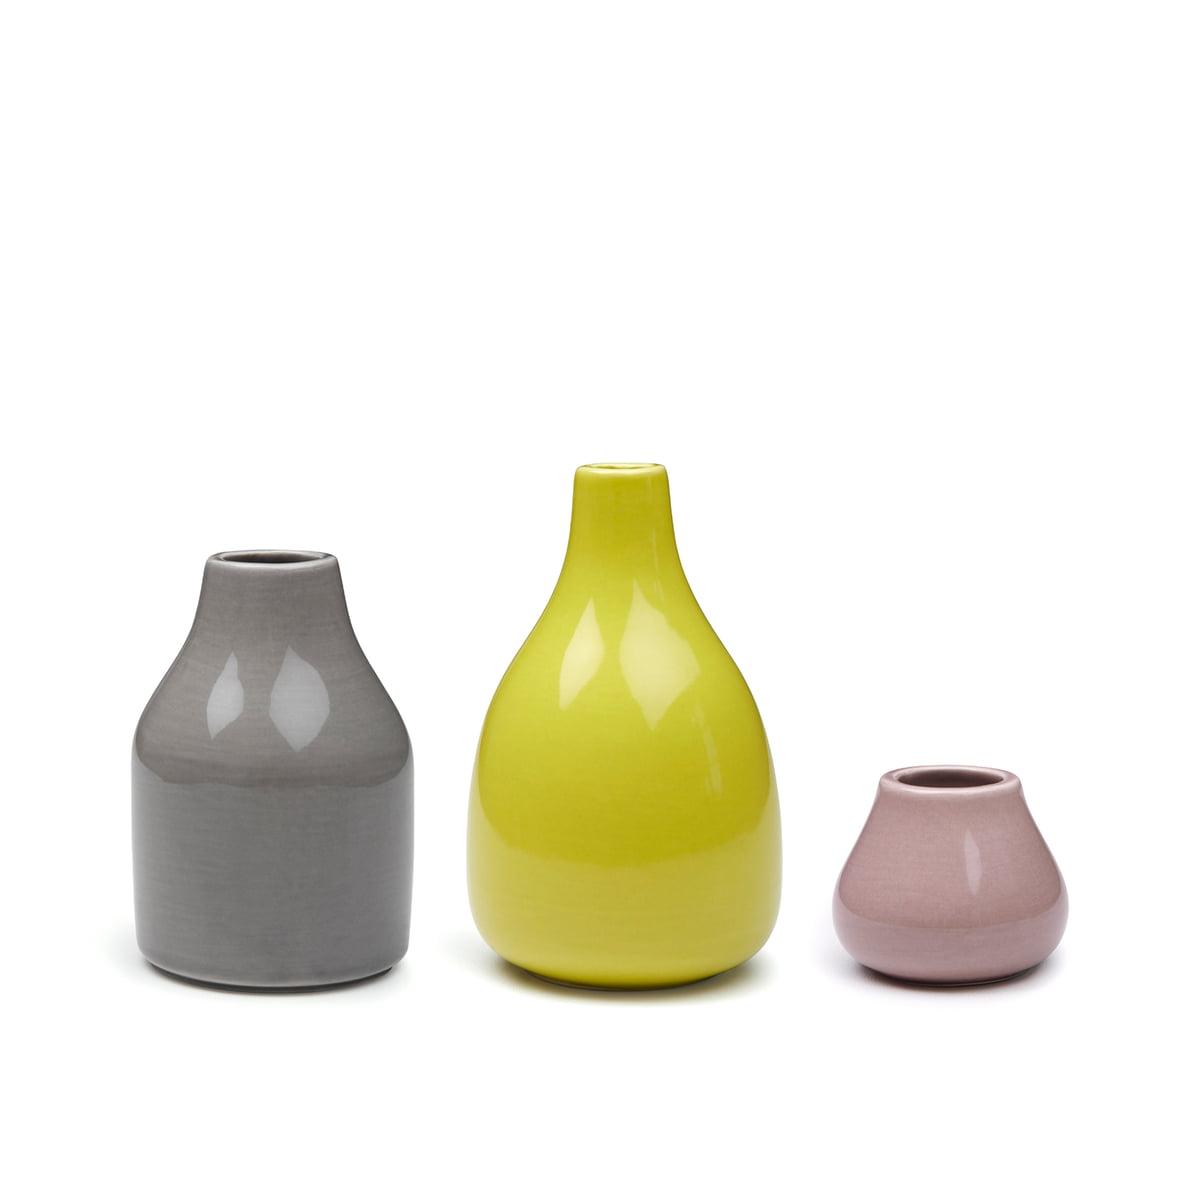 botanica vases by kähler in the shop - kähler design  botanica vases set ( pcs)